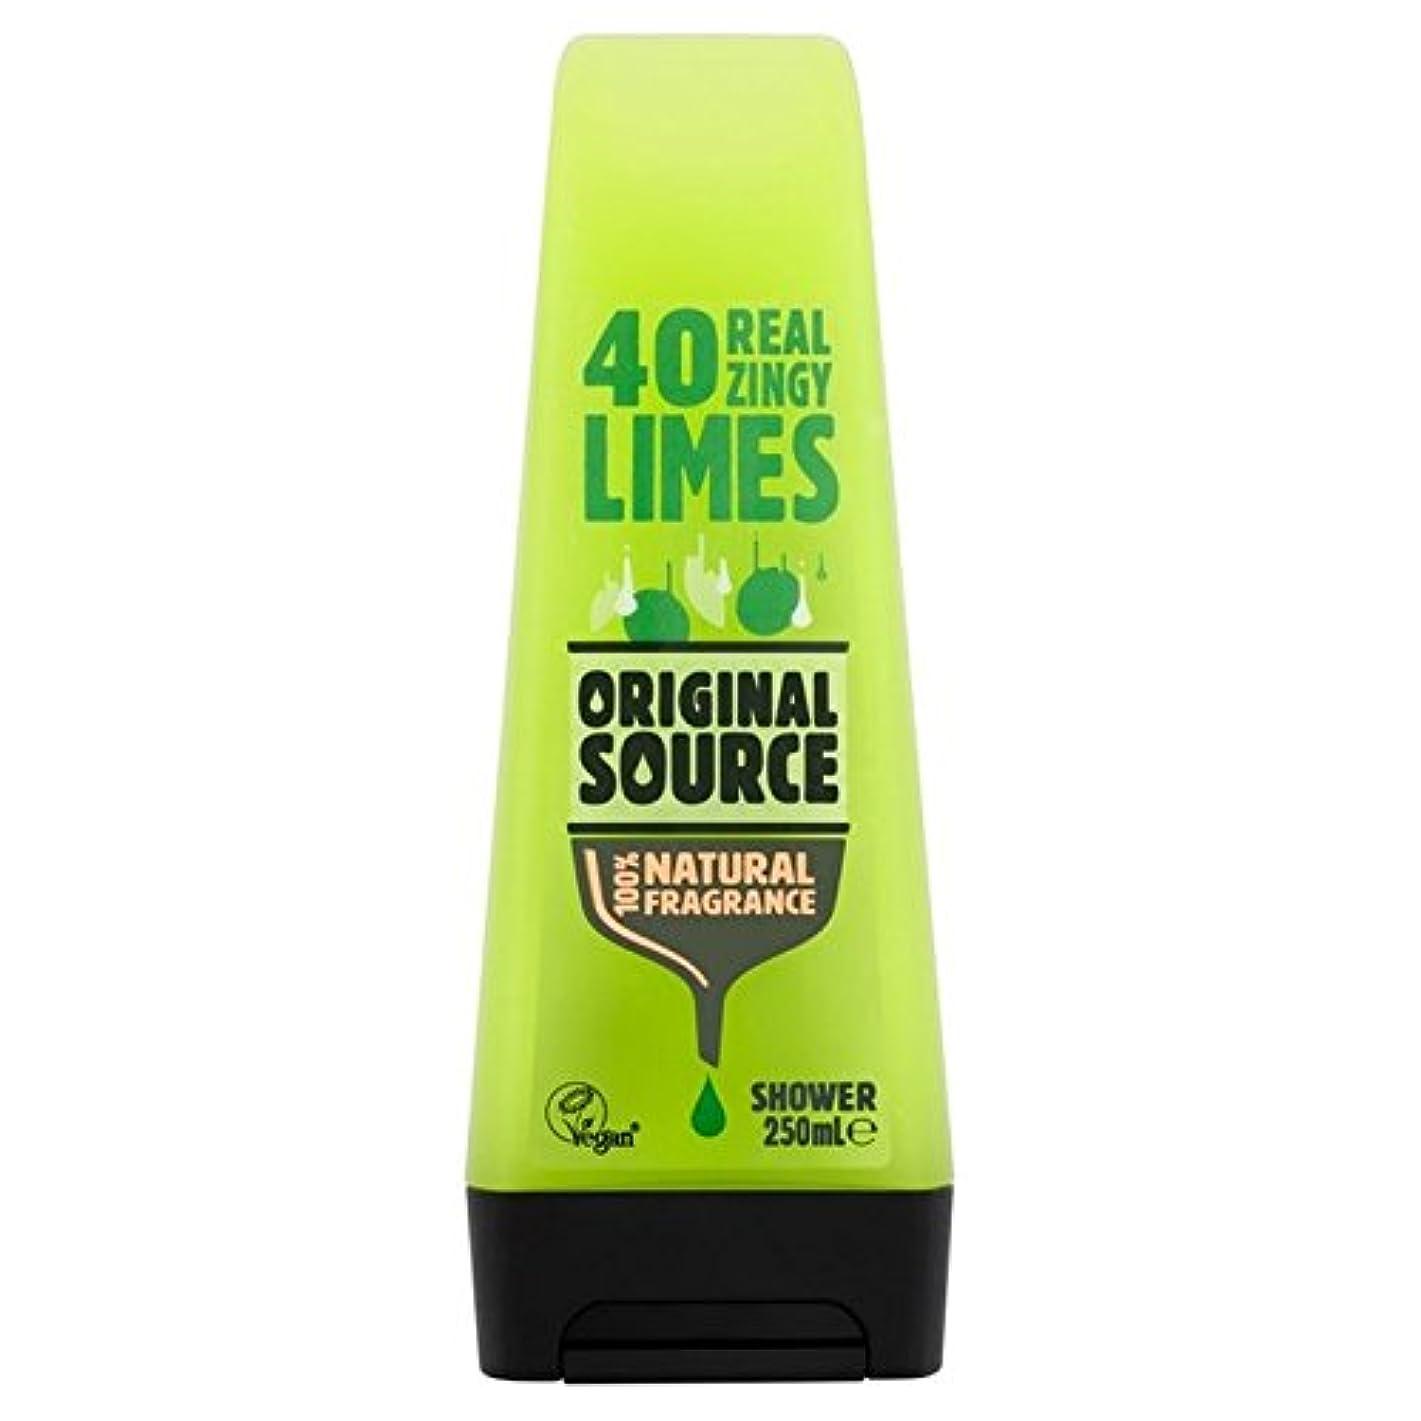 発火するストレンジャー換気する元のソースライムシャワージェル250ミリリットル x4 - Original Source Lime Shower Gel 250ml (Pack of 4) [並行輸入品]